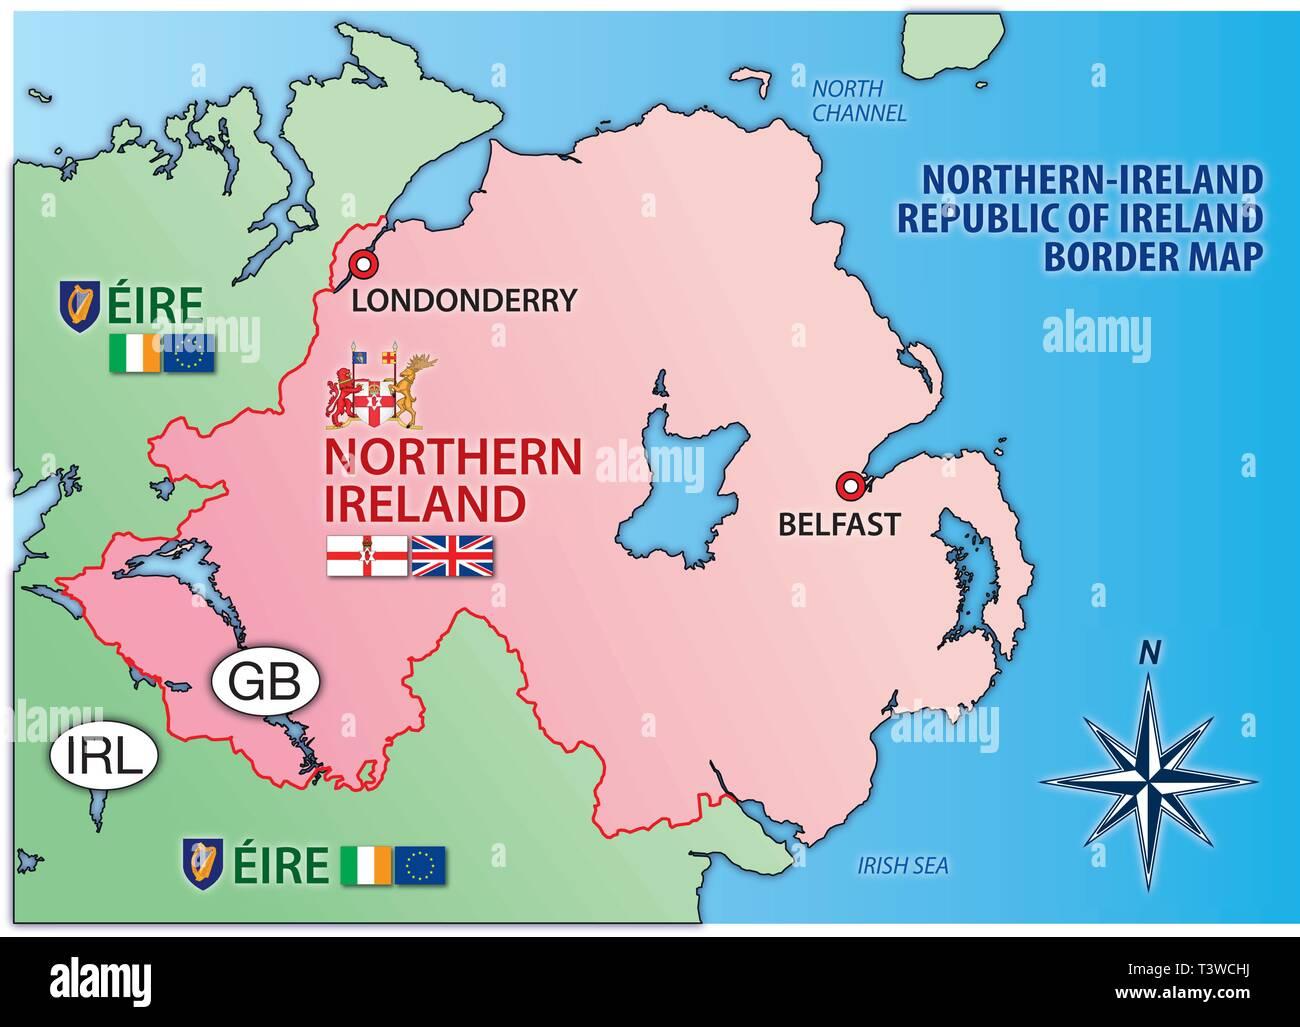 Mapa Irlanda Del Norte.Irlanda Del Norte E Irlanda Mapa Con Fronteras Banderas Y